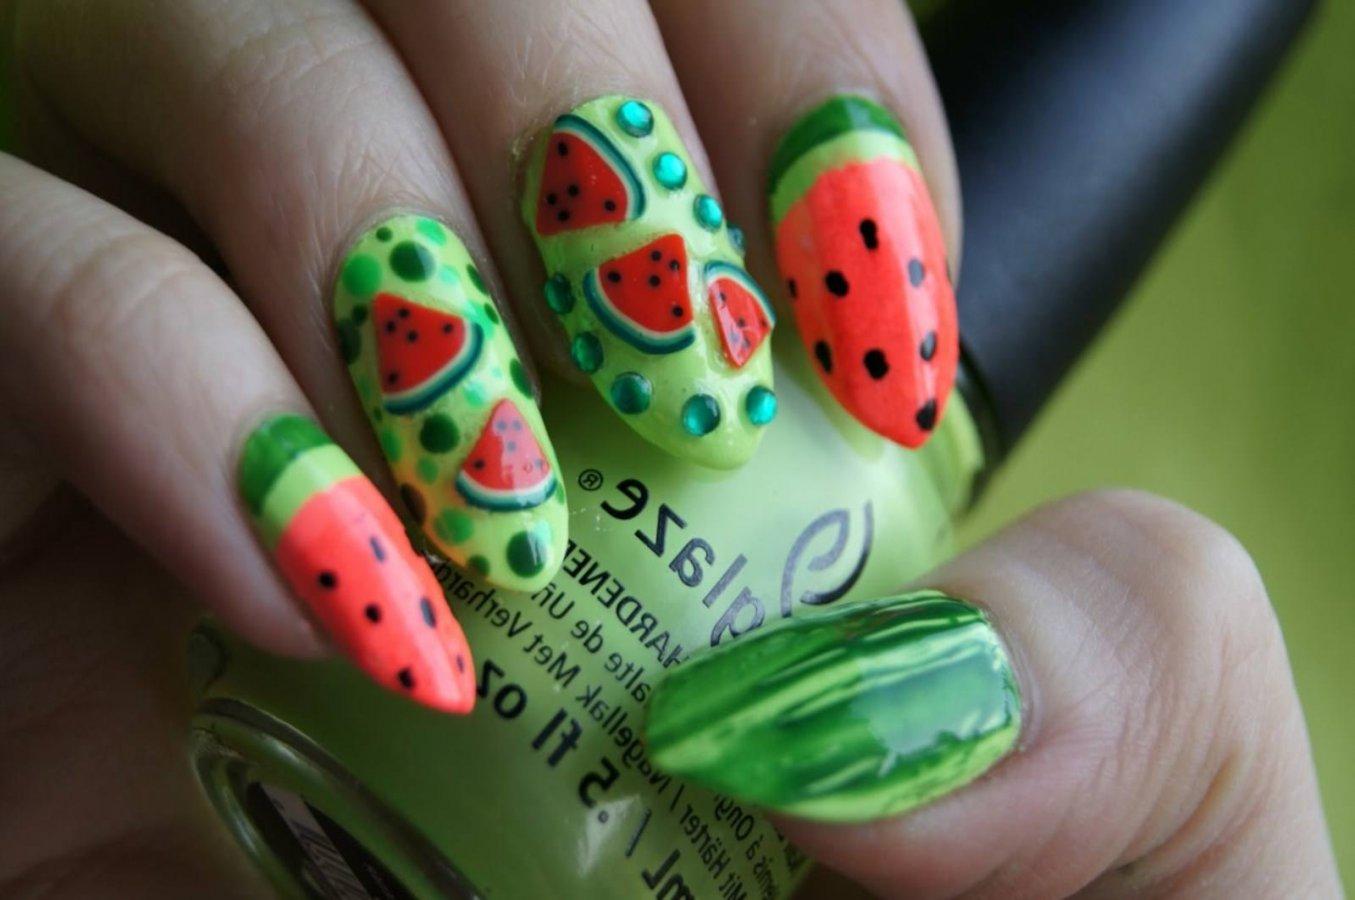 видами облицовки фруктовый дизайн ногтей фото выбор квартир жилом